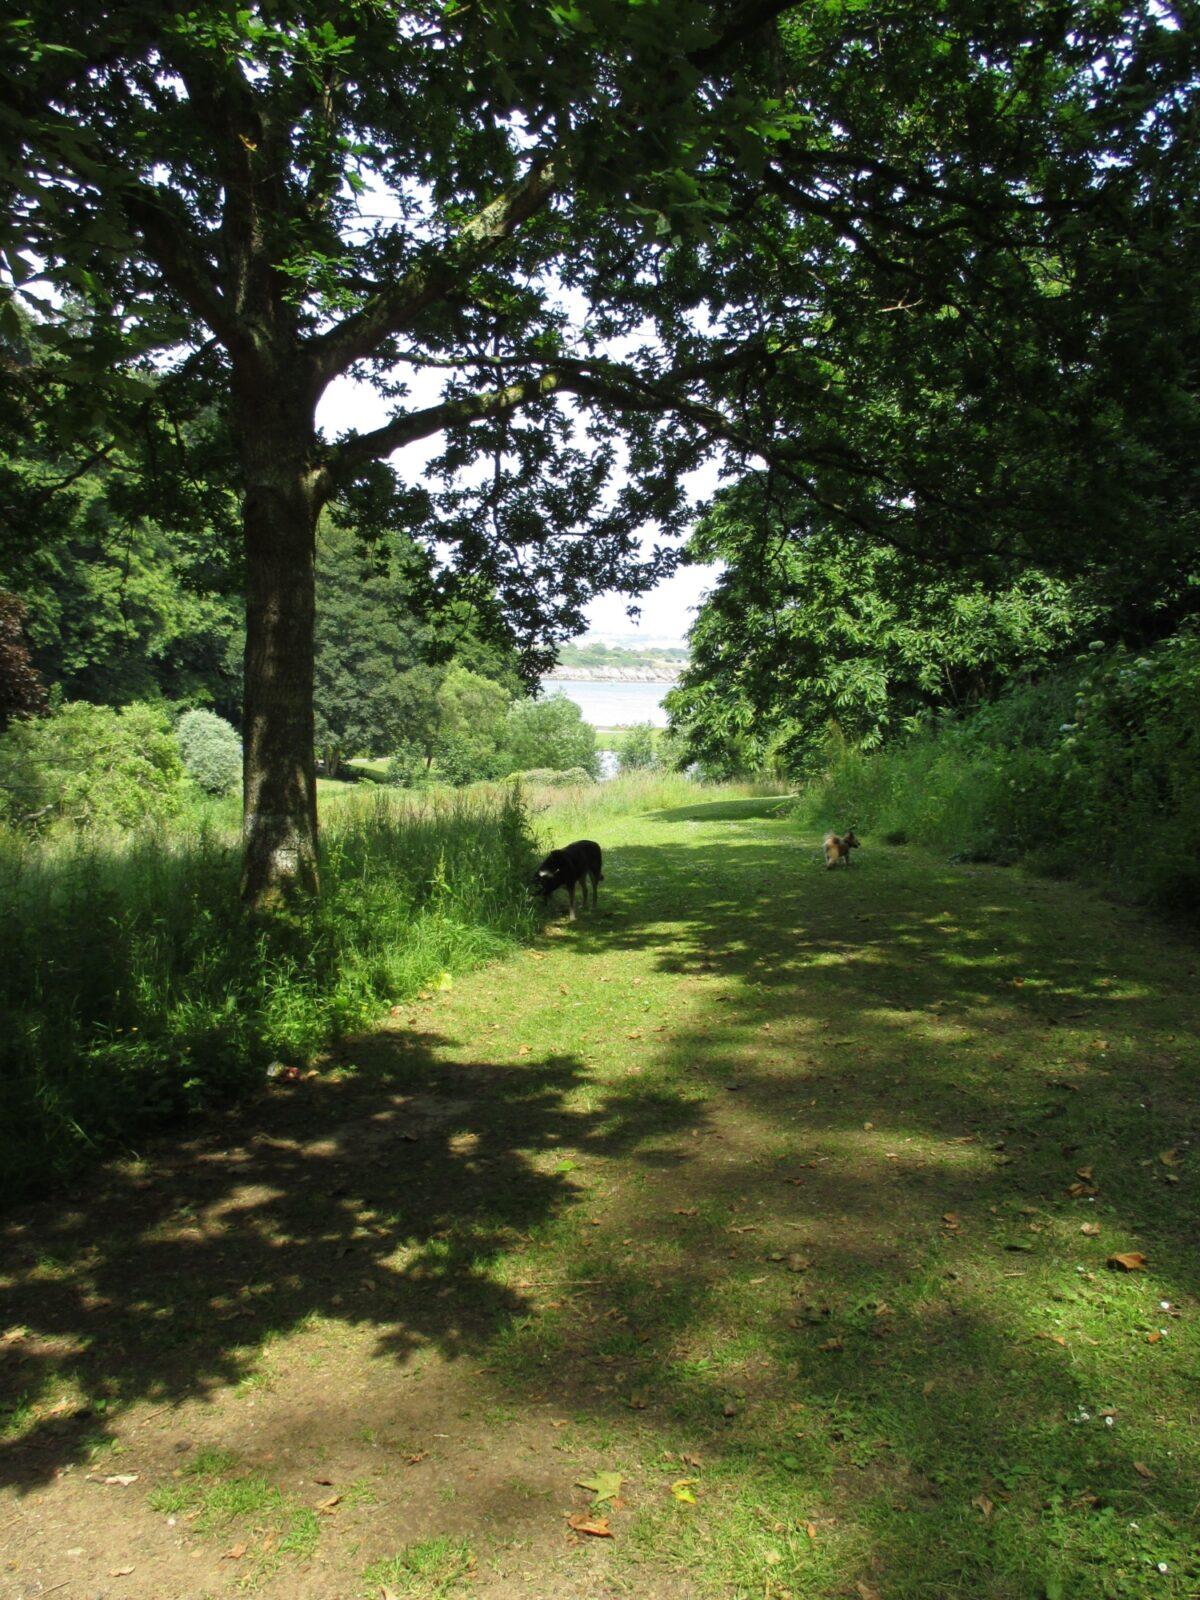 Mount Edgecumbe Country Park large photo 5